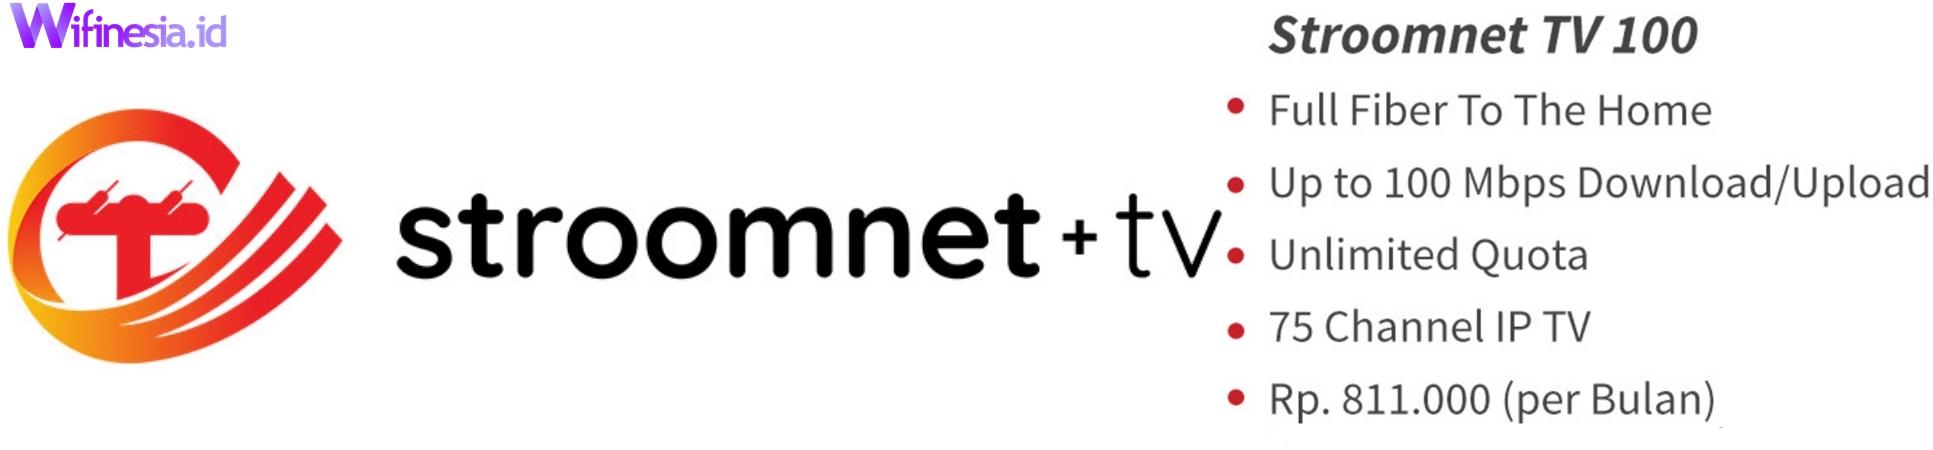 Harga Paket Stroomnet + TV 100 Berlangganan Jabodetabek